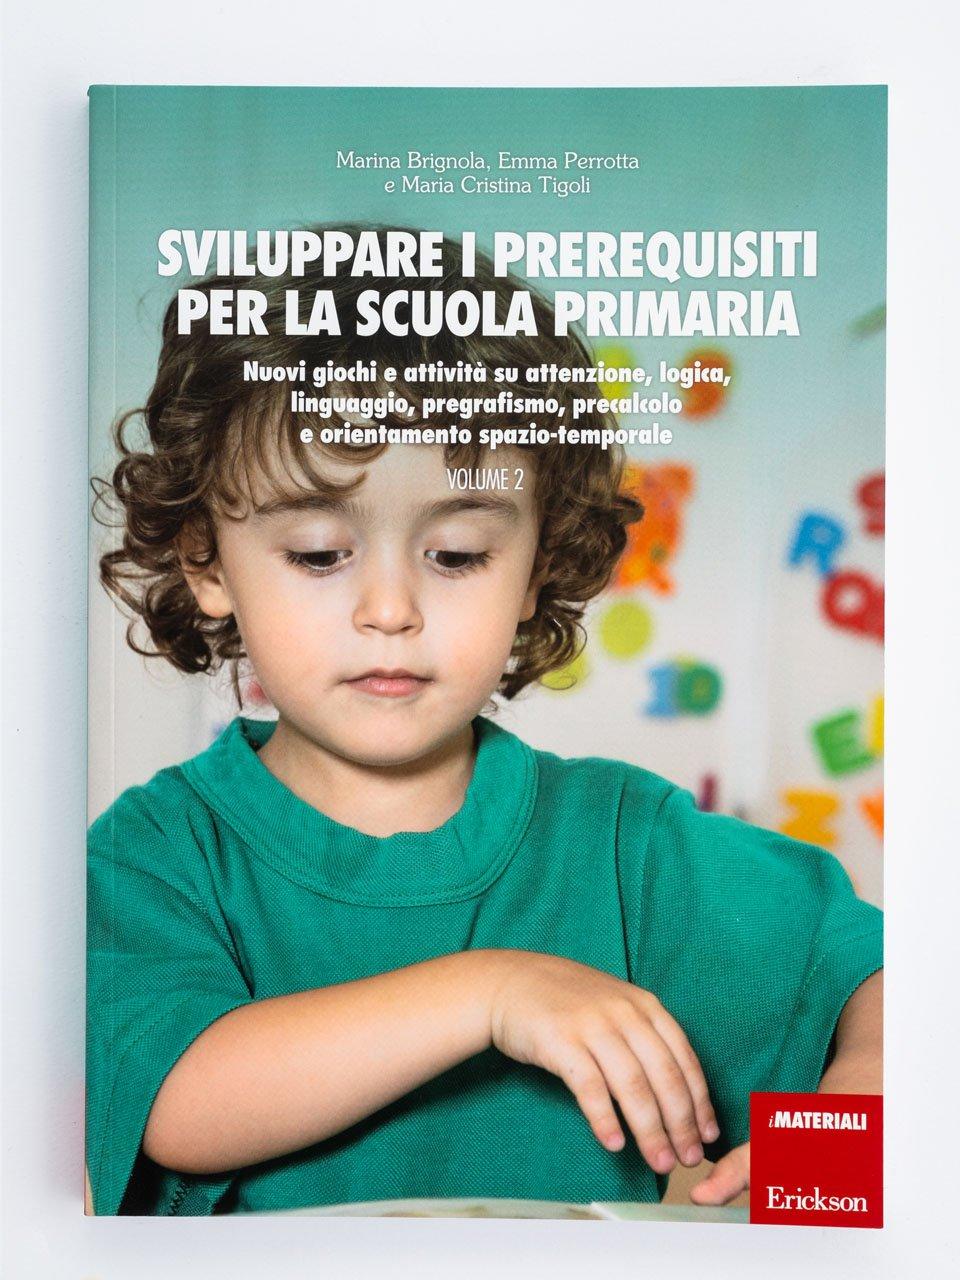 Sviluppare i prerequisiti per la scuola primaria - Volume 2 - Le proposte Erickson per i compiti-delle-vacanze - Erickson